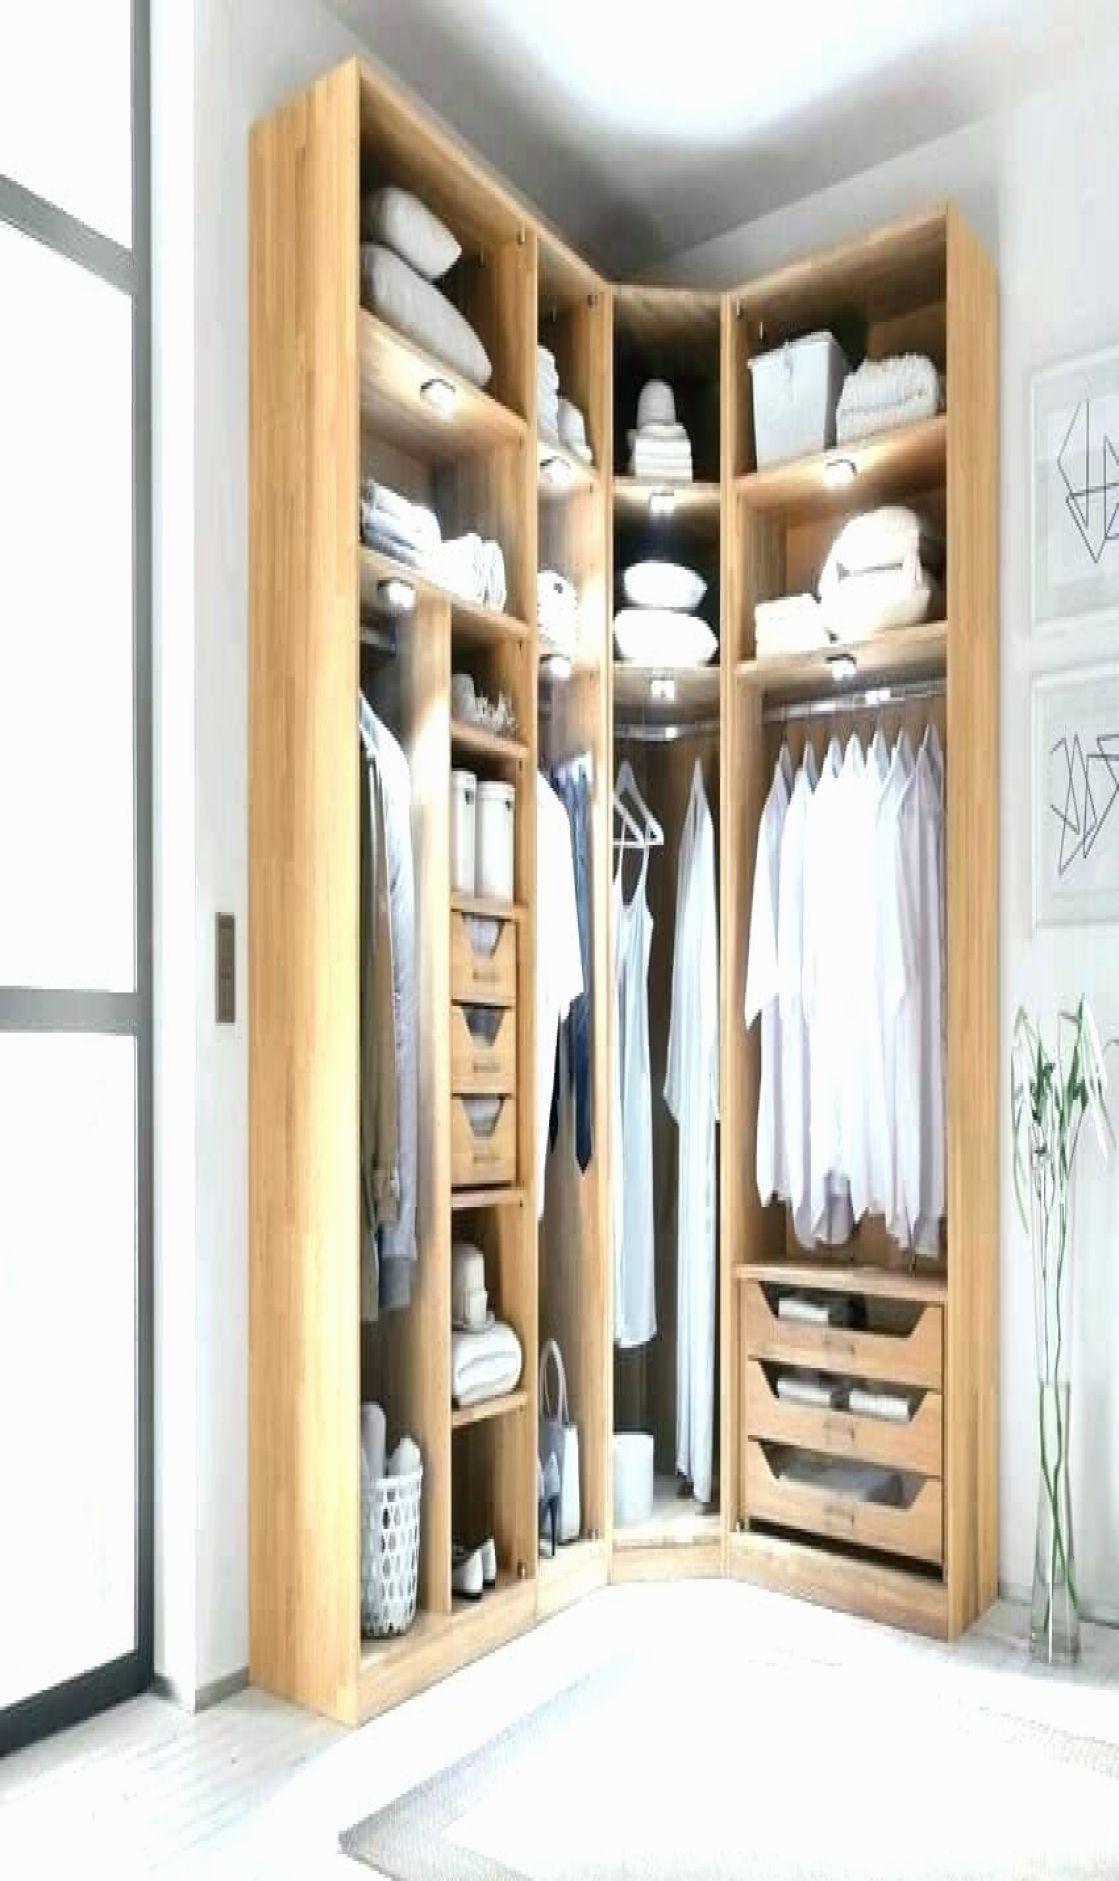 21 Luxus Pax Schrank Konfigurieren Decor Home Home Decor